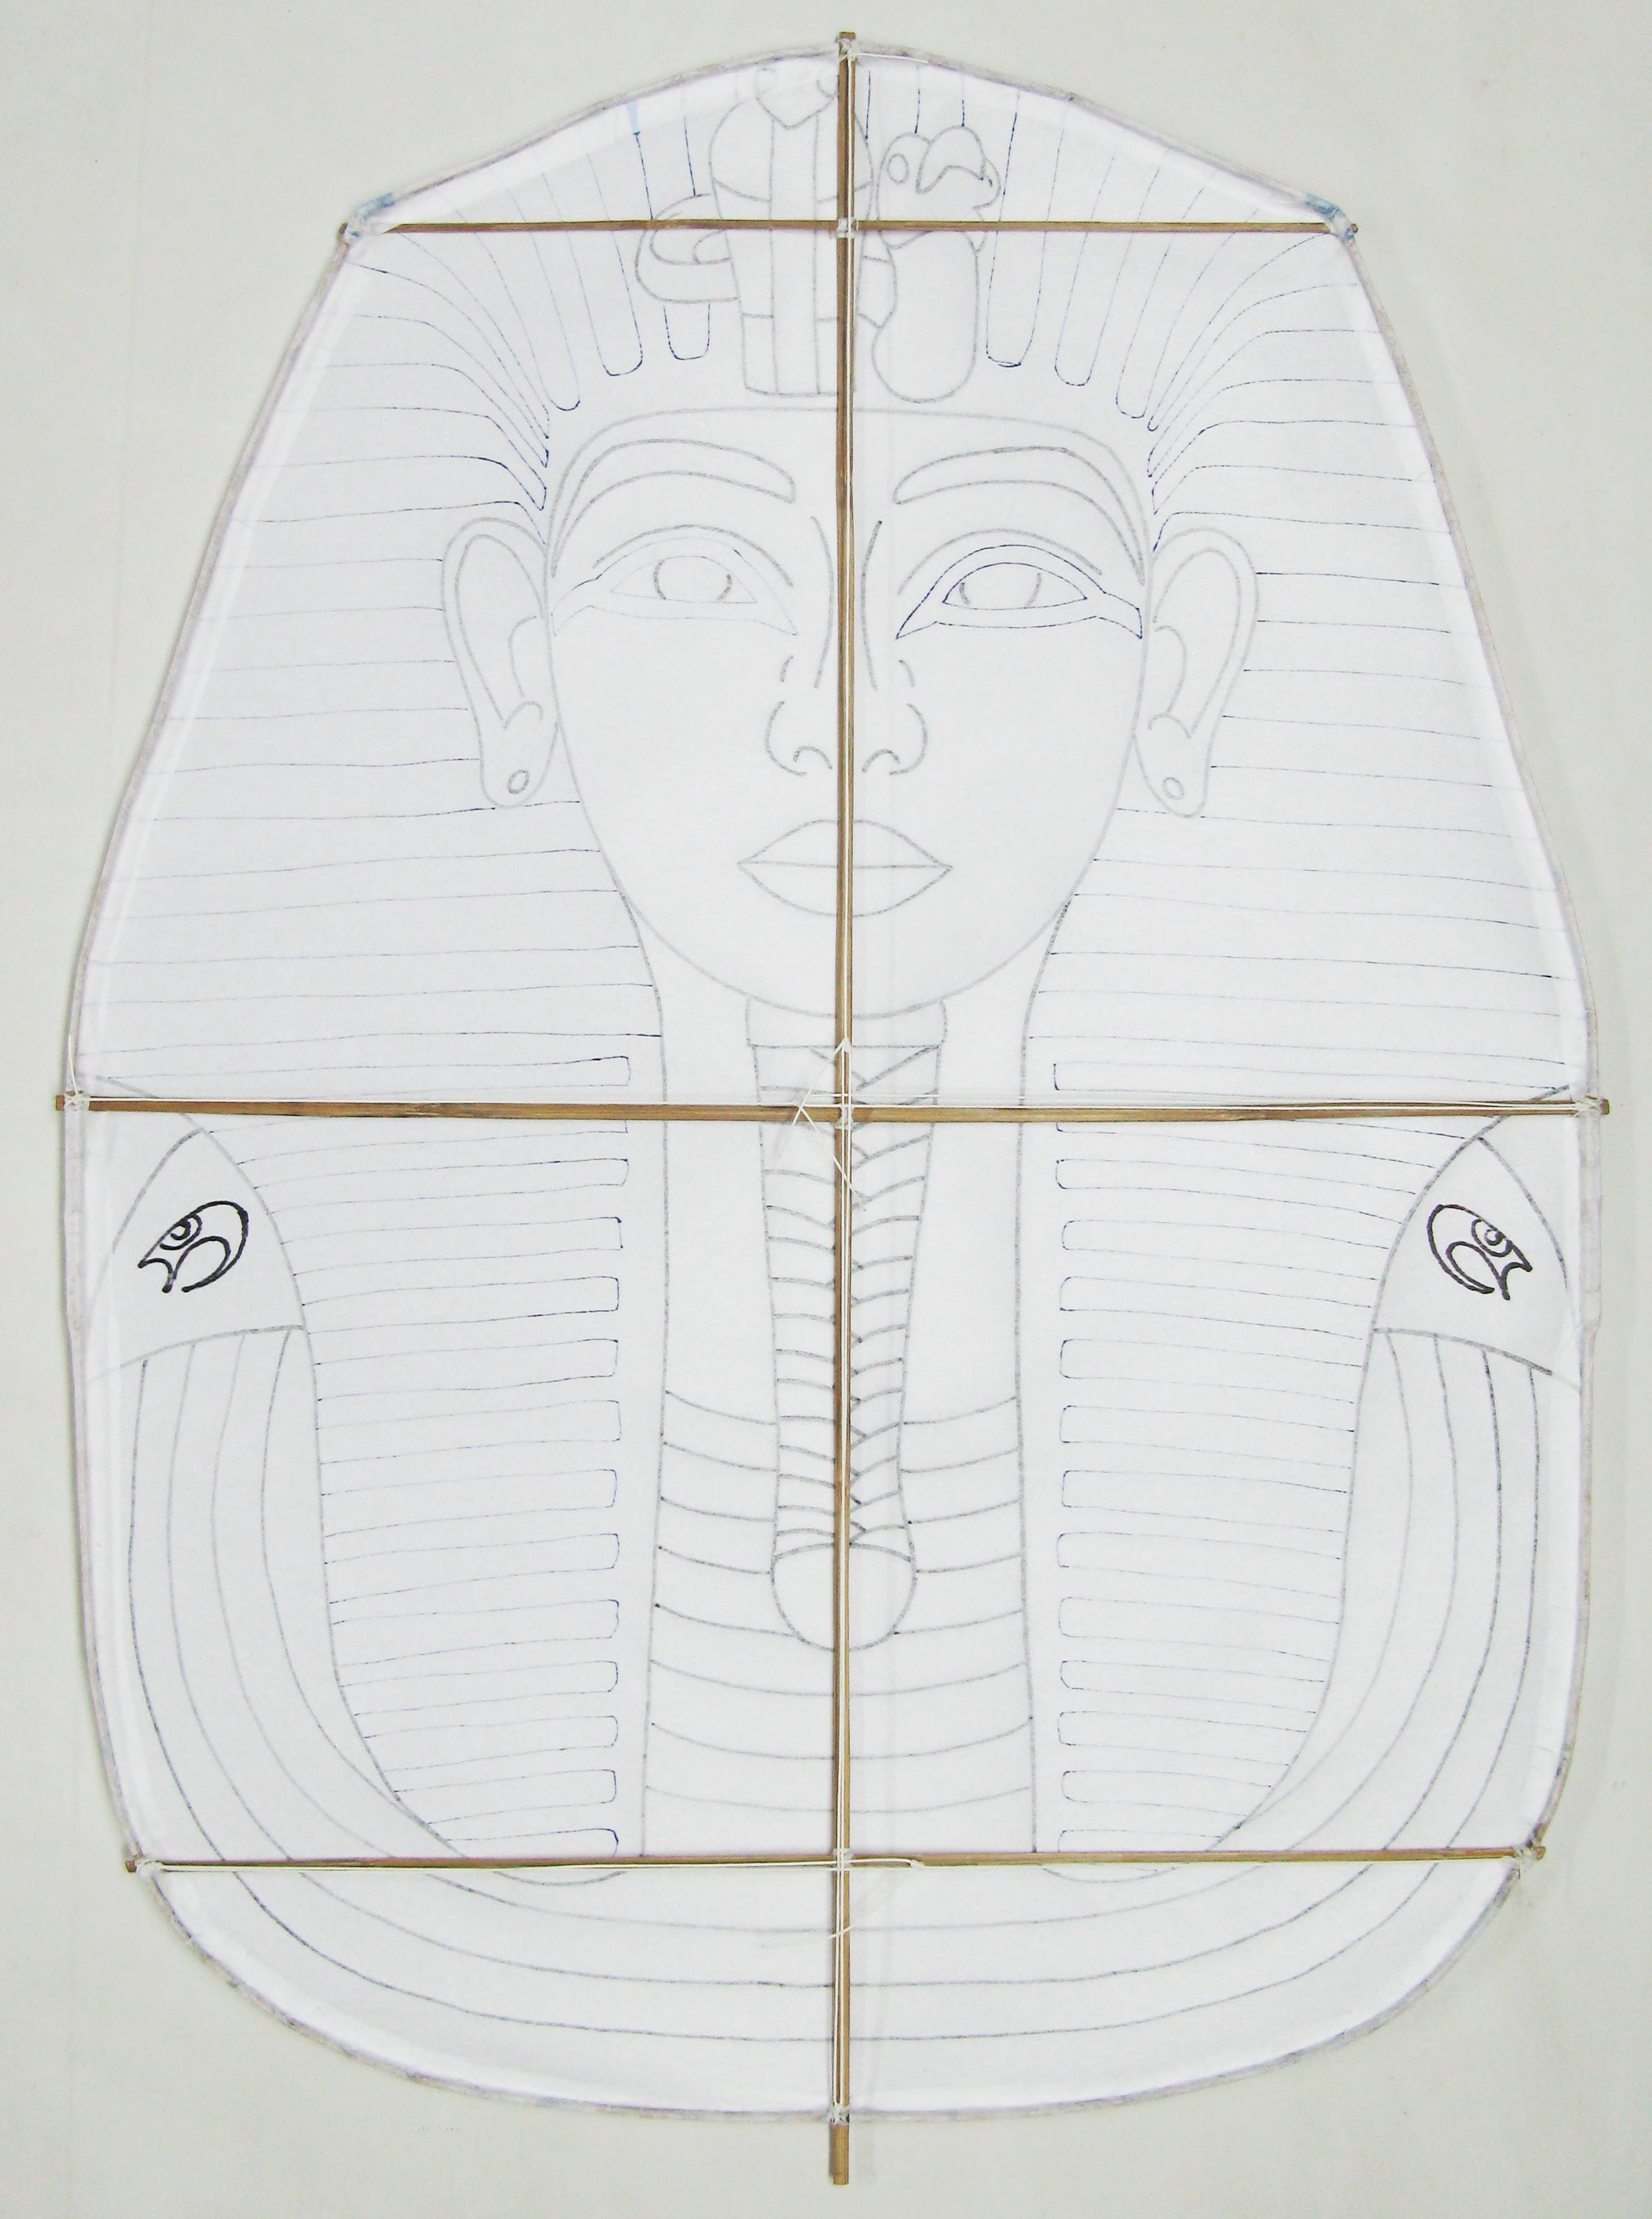 Cometa Tutankamón. Diseñada y construida por Juan Antonio Muñoz López